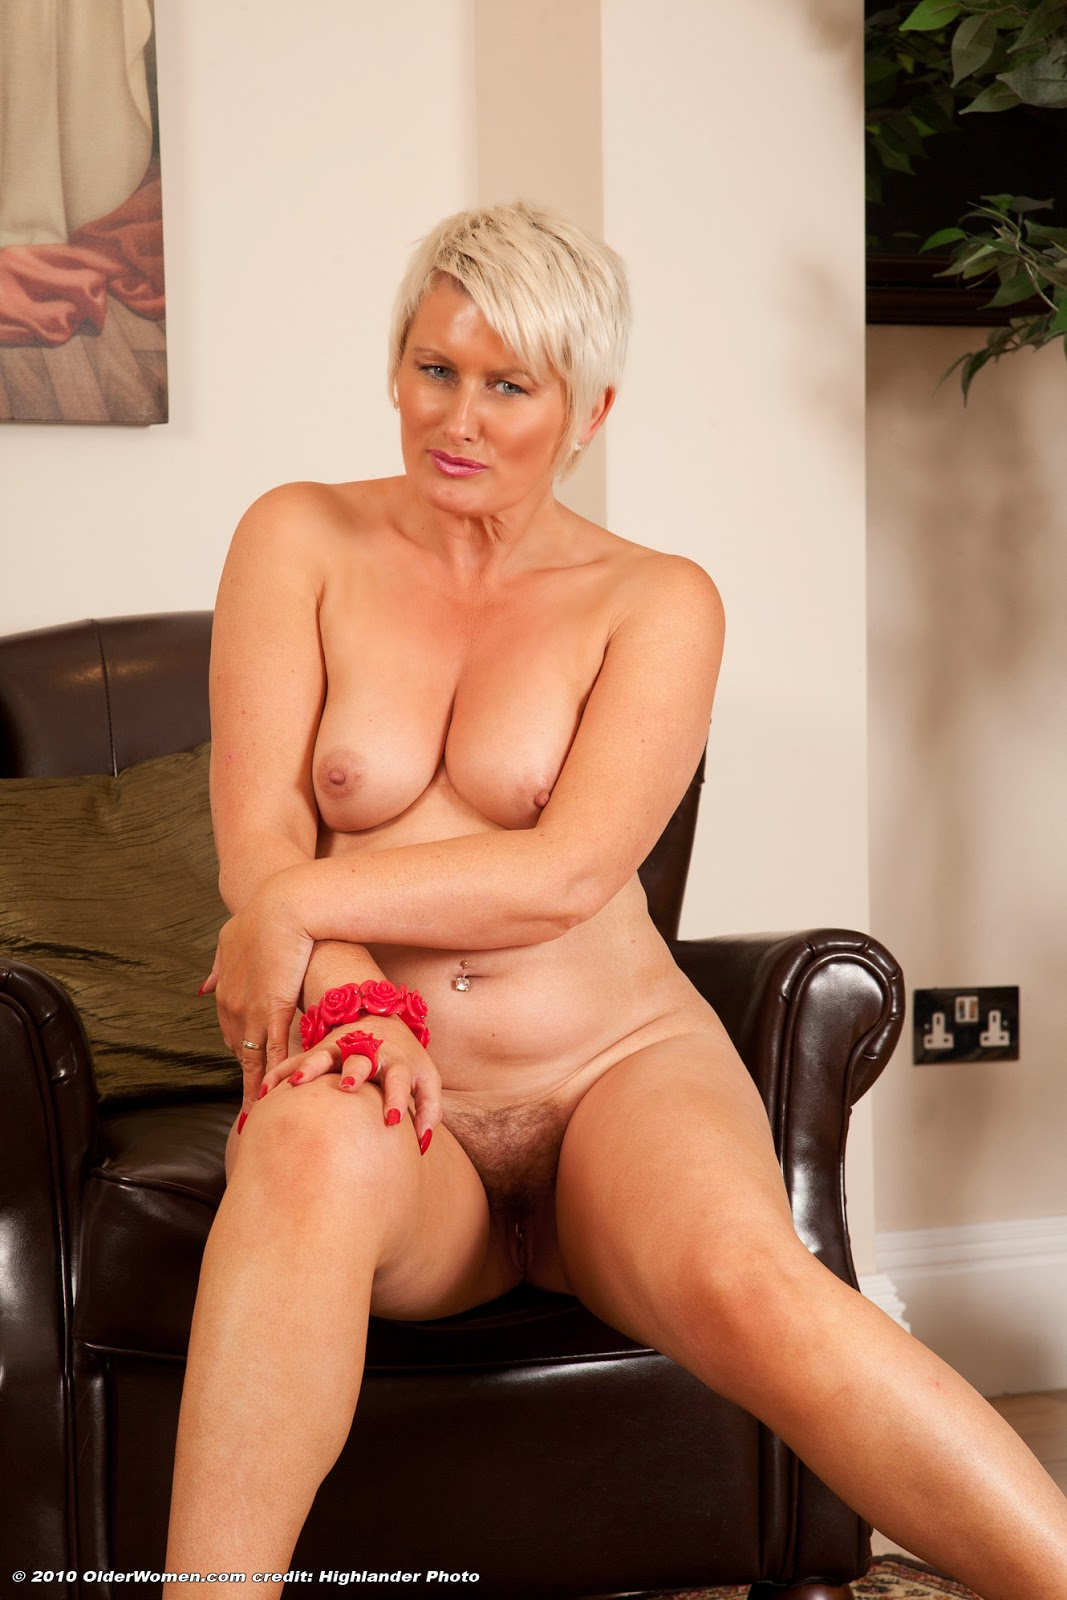 Hot nude porn pics